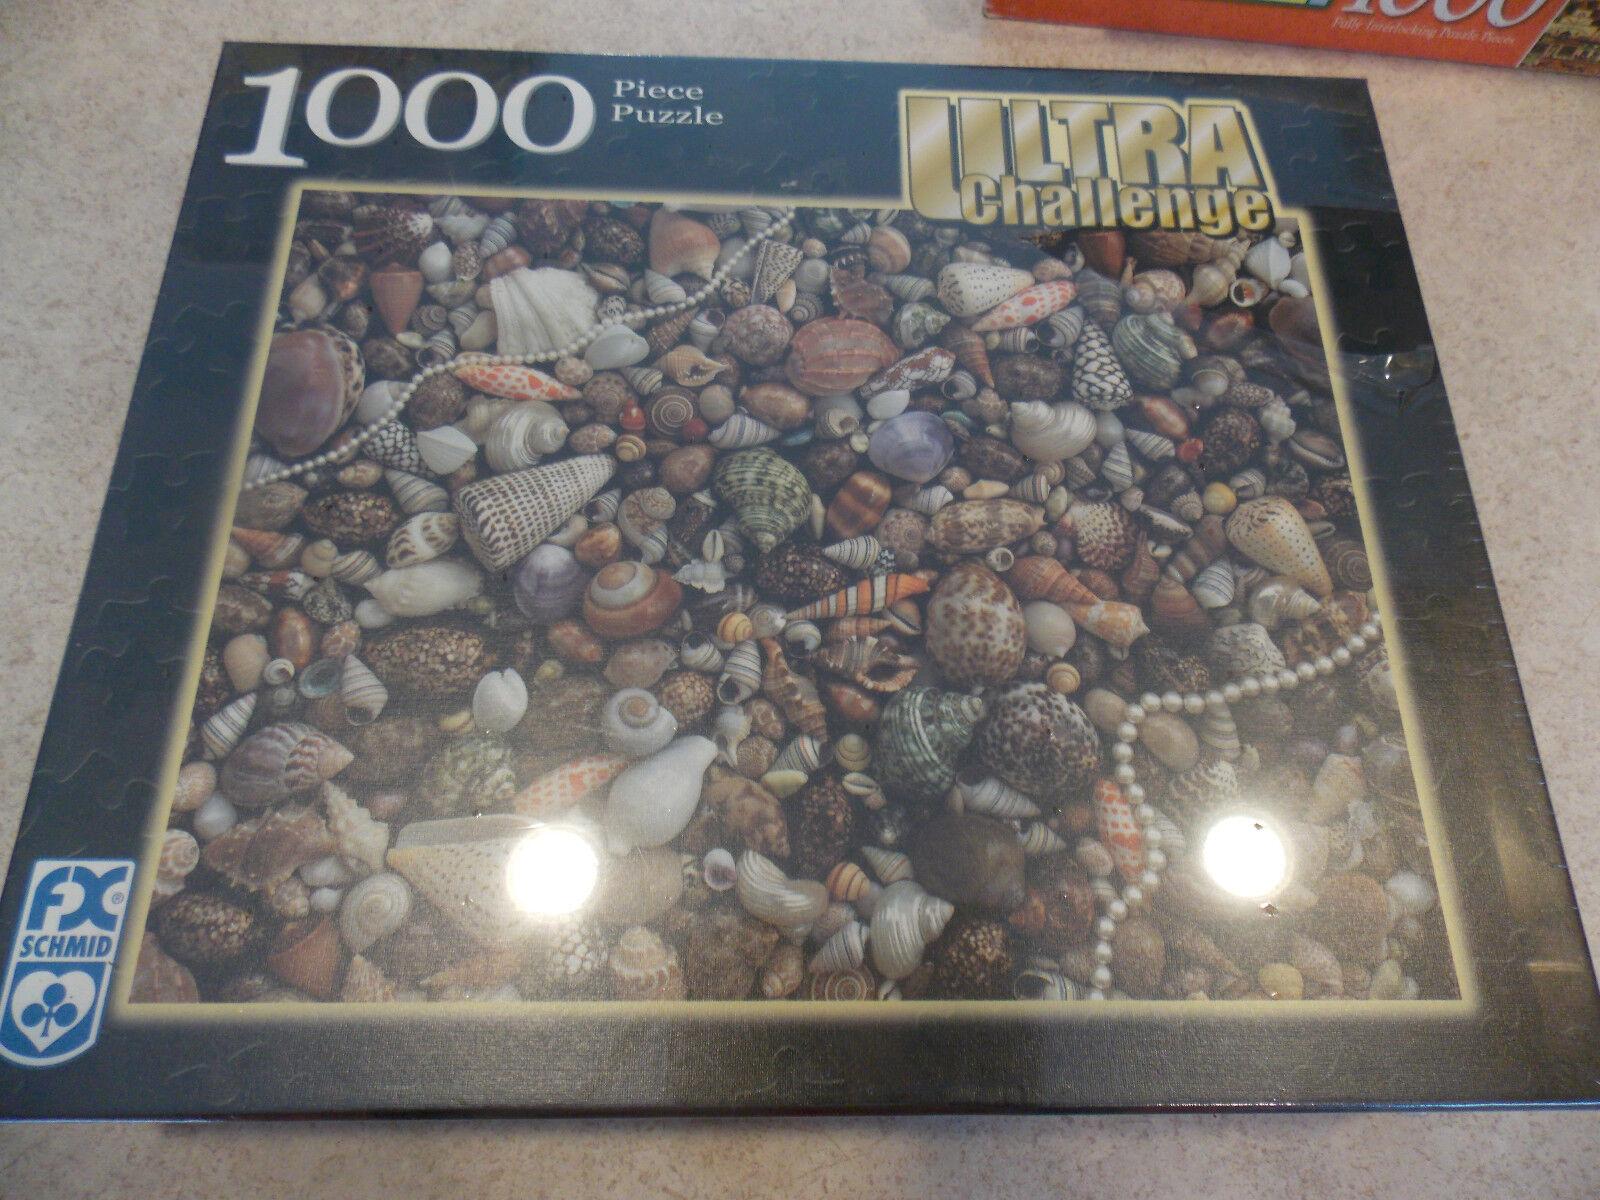 con il 100% di qualità e il 100% di servizio FX Schmid Ultra Chtuttienge Sea Gems Seashells 1000 Pc Puzzle Puzzle Puzzle NIB  servizio premuroso